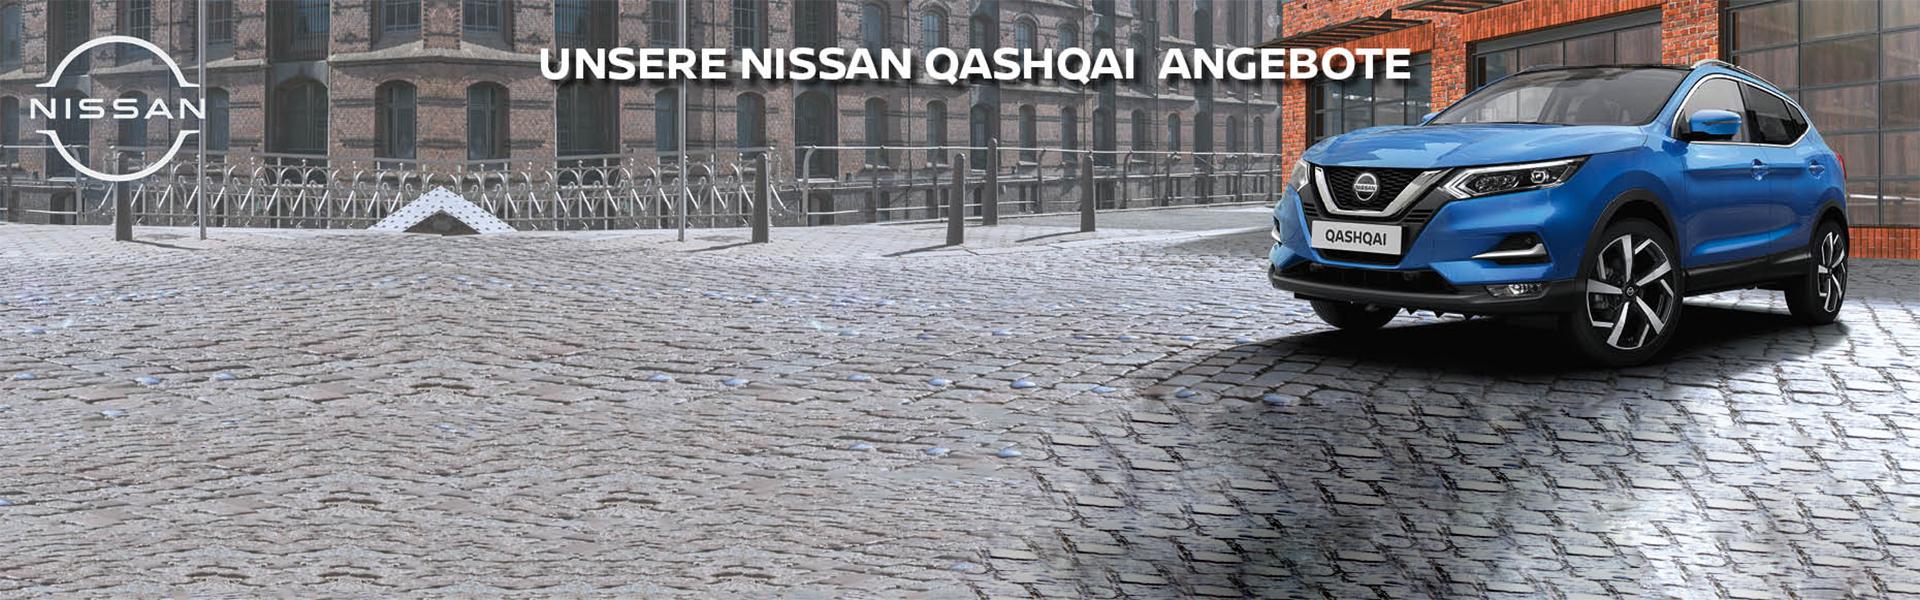 1920x600-jahreswagen-nissan-qashqai-neu